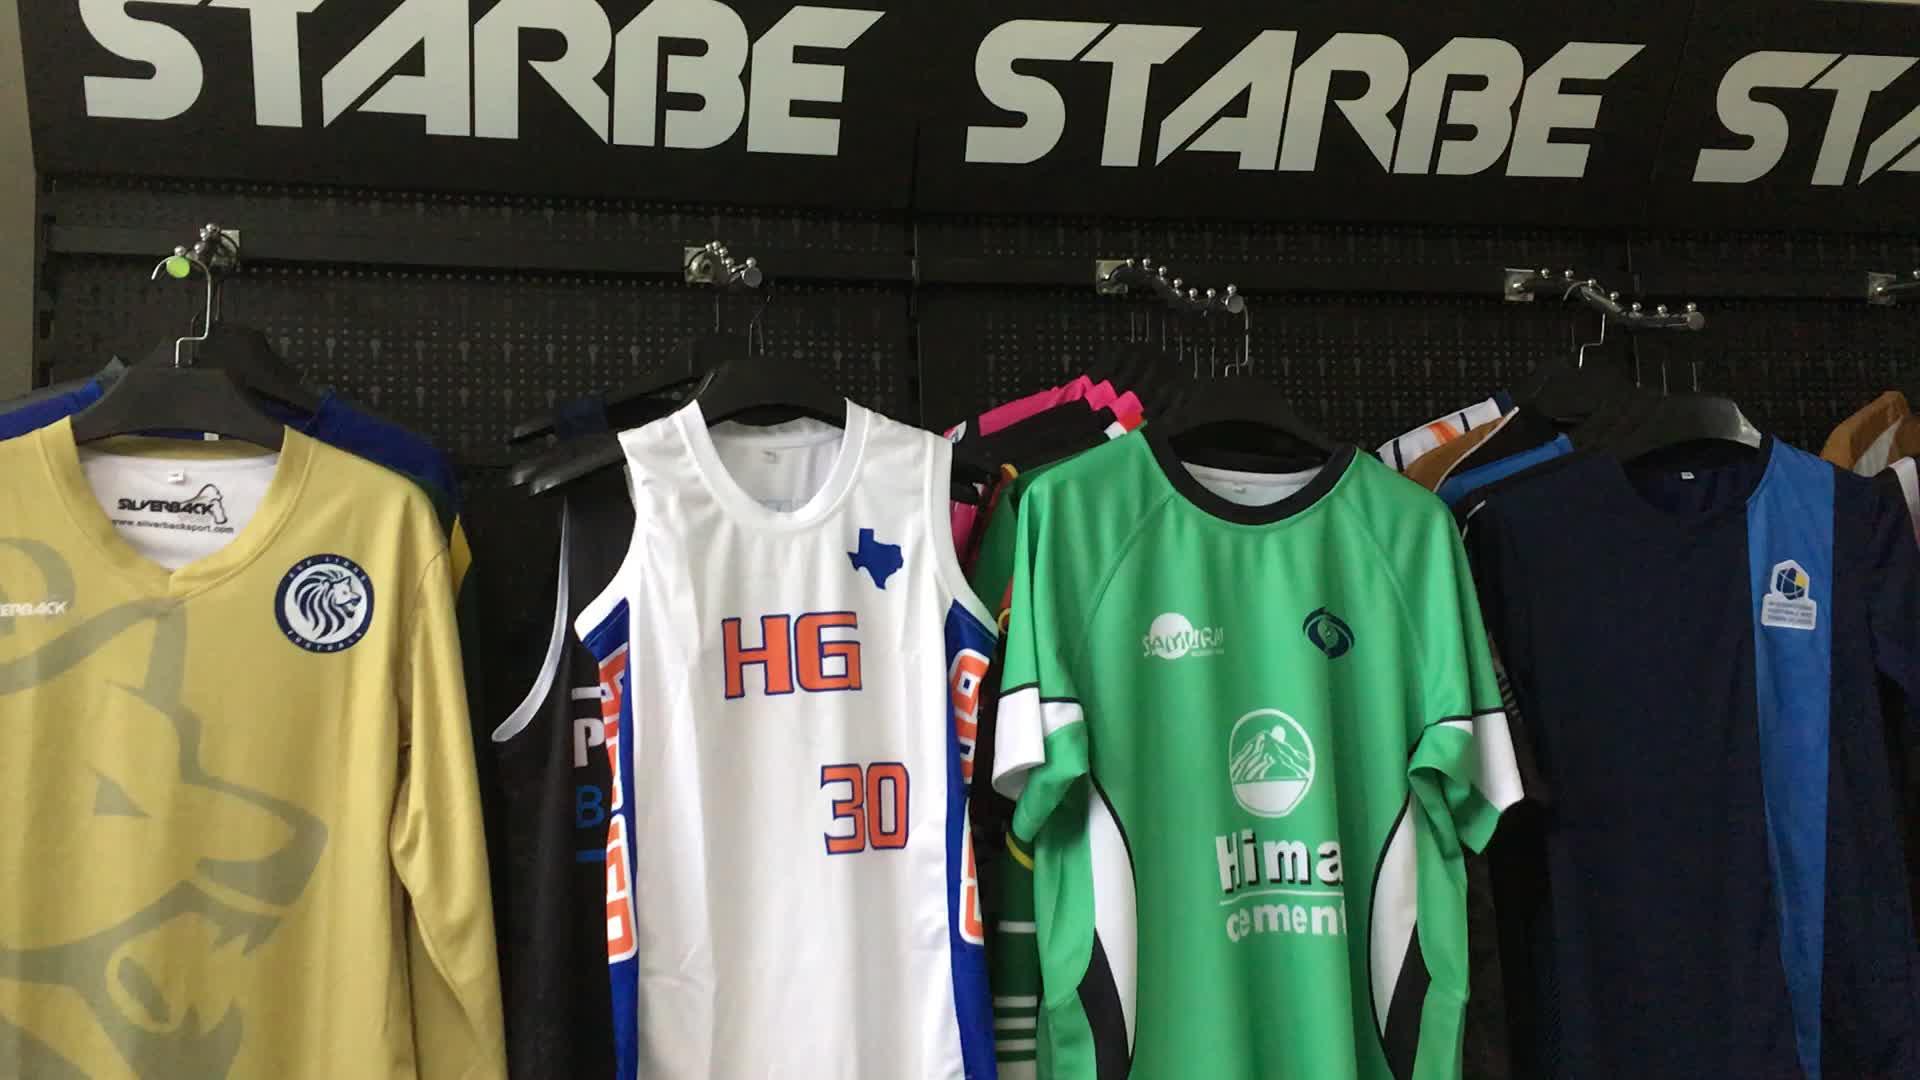 Benutzerdefinierte, trocken sitzende, hochwertige reversible Basketball-Trikots für Herren